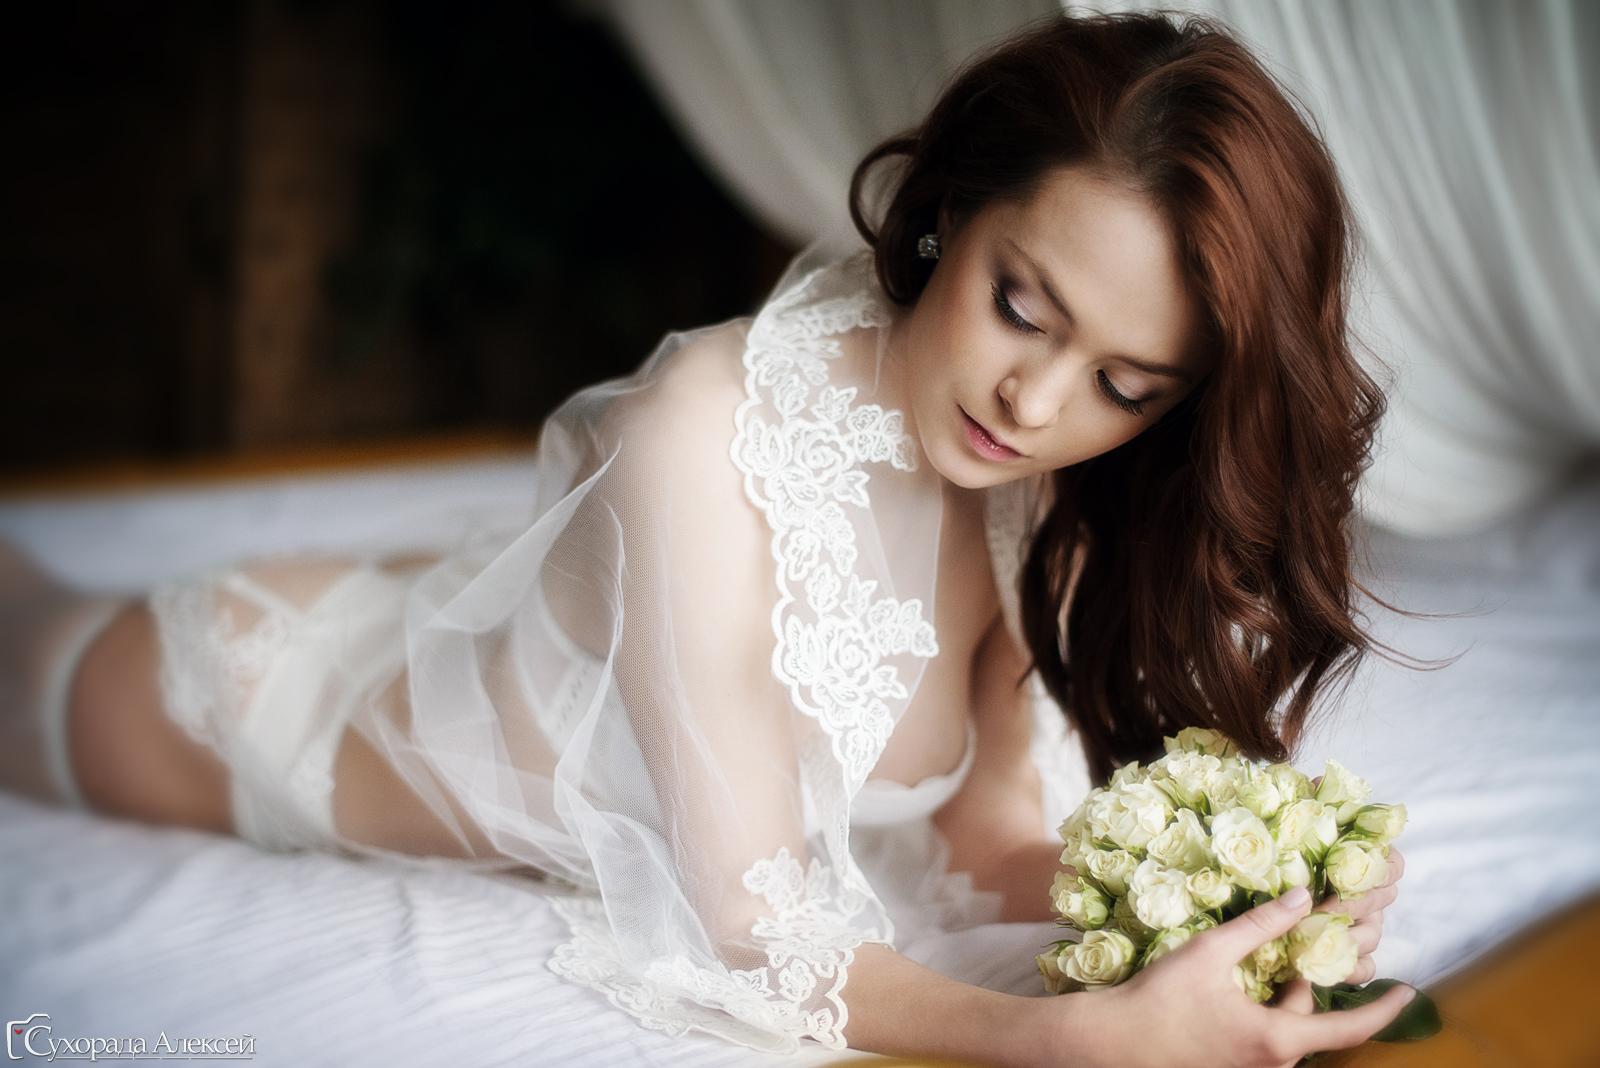 красивая невеста в нижнем белье